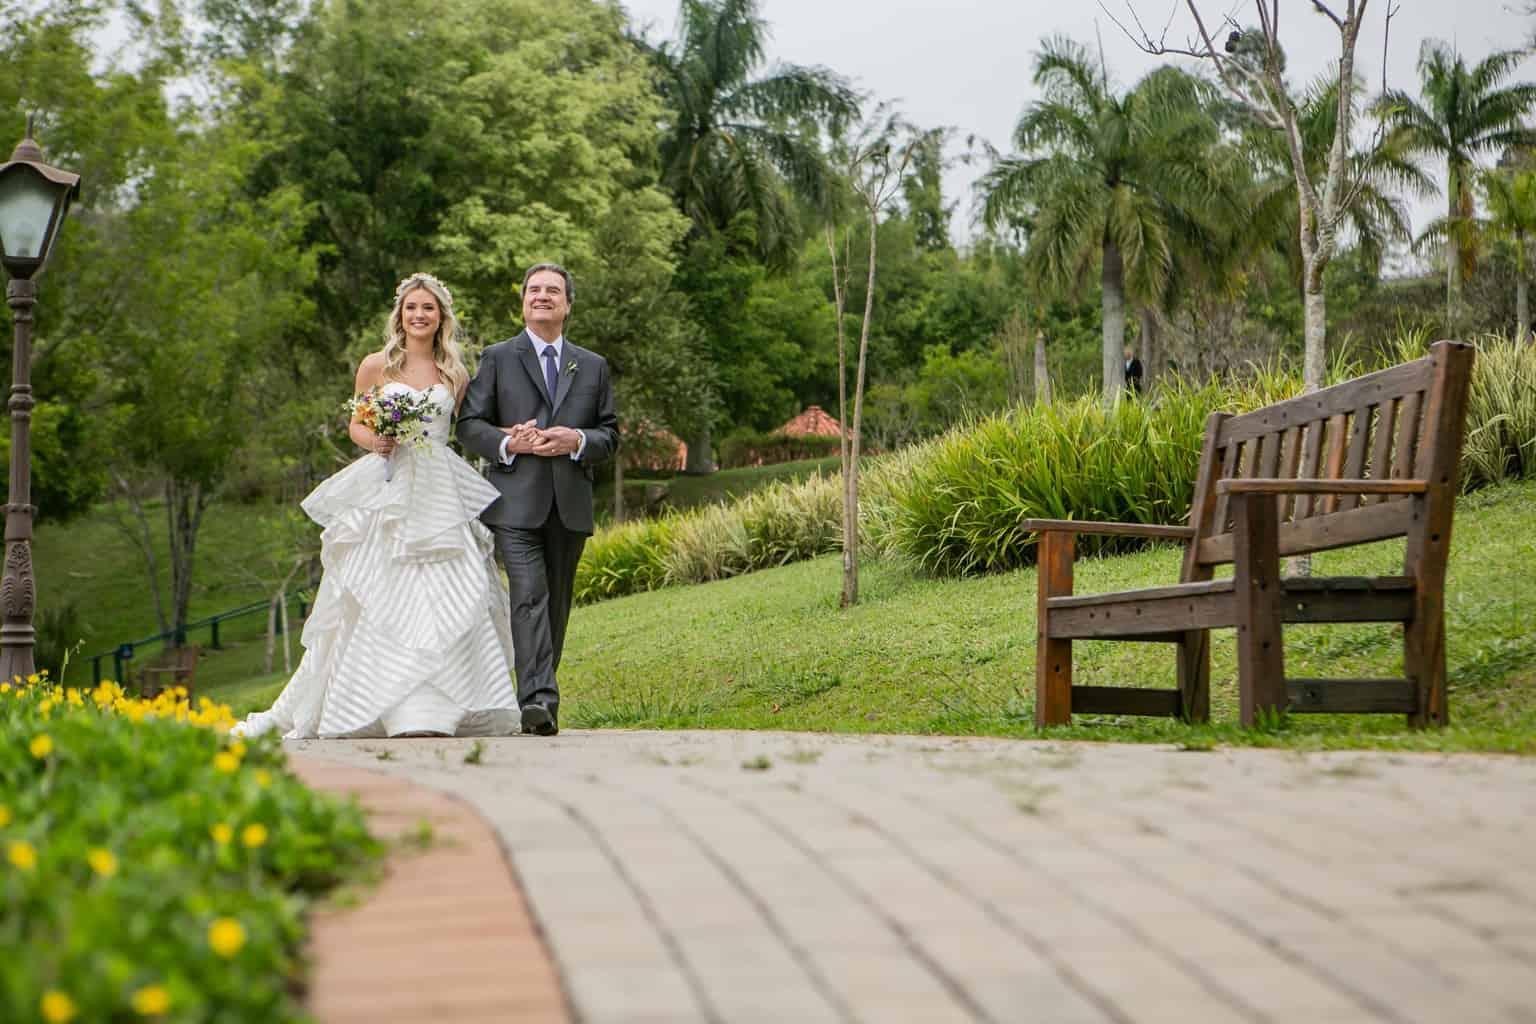 Casamento-Milene-e-Leonardo-cerimonia-ao-ar-livre-decoracao-da-festa-Roberto-Tamer-terras-claras164